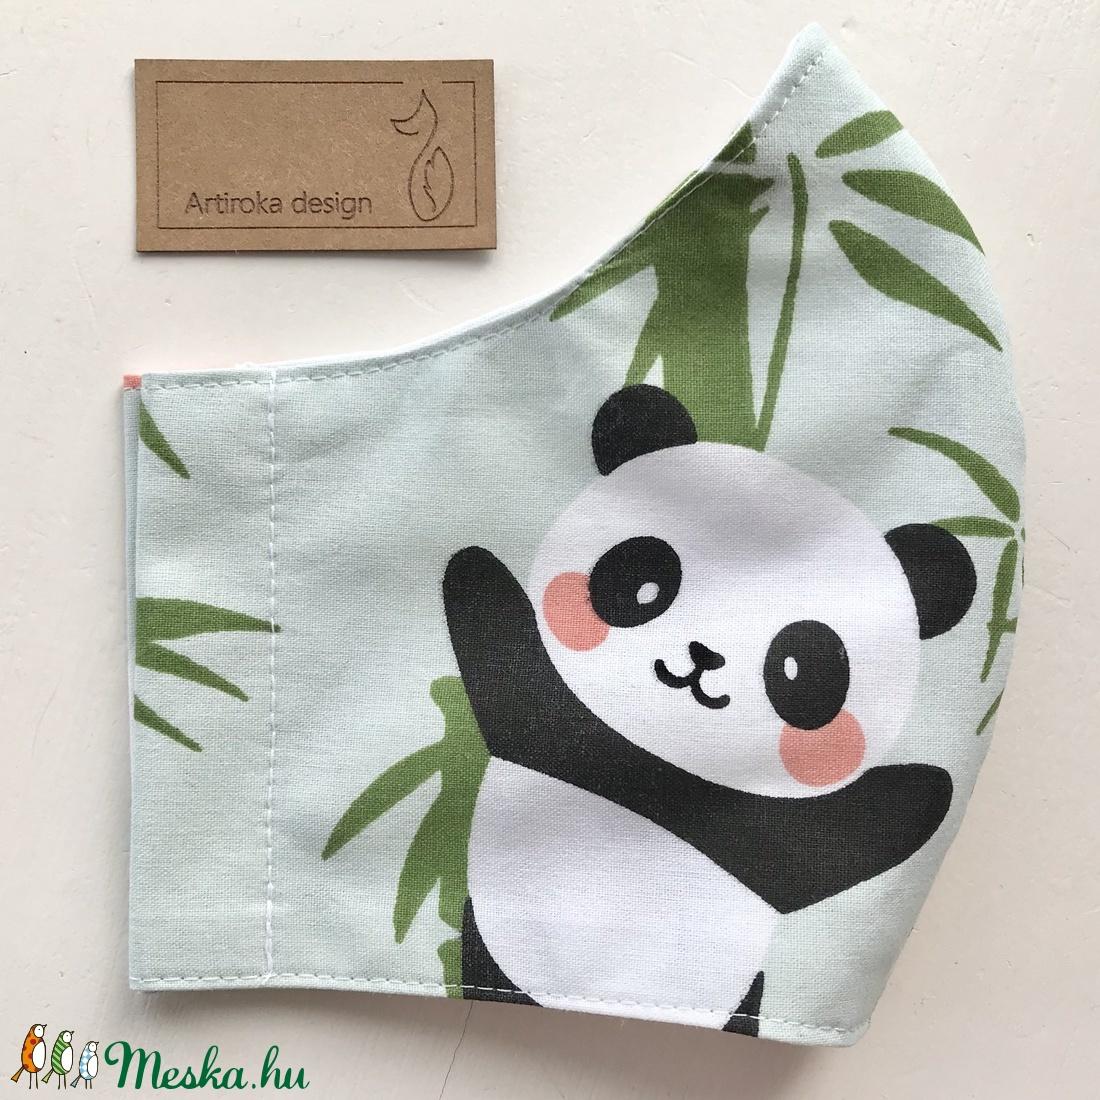 Panda mackó mintás pasztellzöld arcmaszk, szájmaszk, maszk, gyerekmaszk- Artiroka design - maszk, arcmaszk - női - Meska.hu